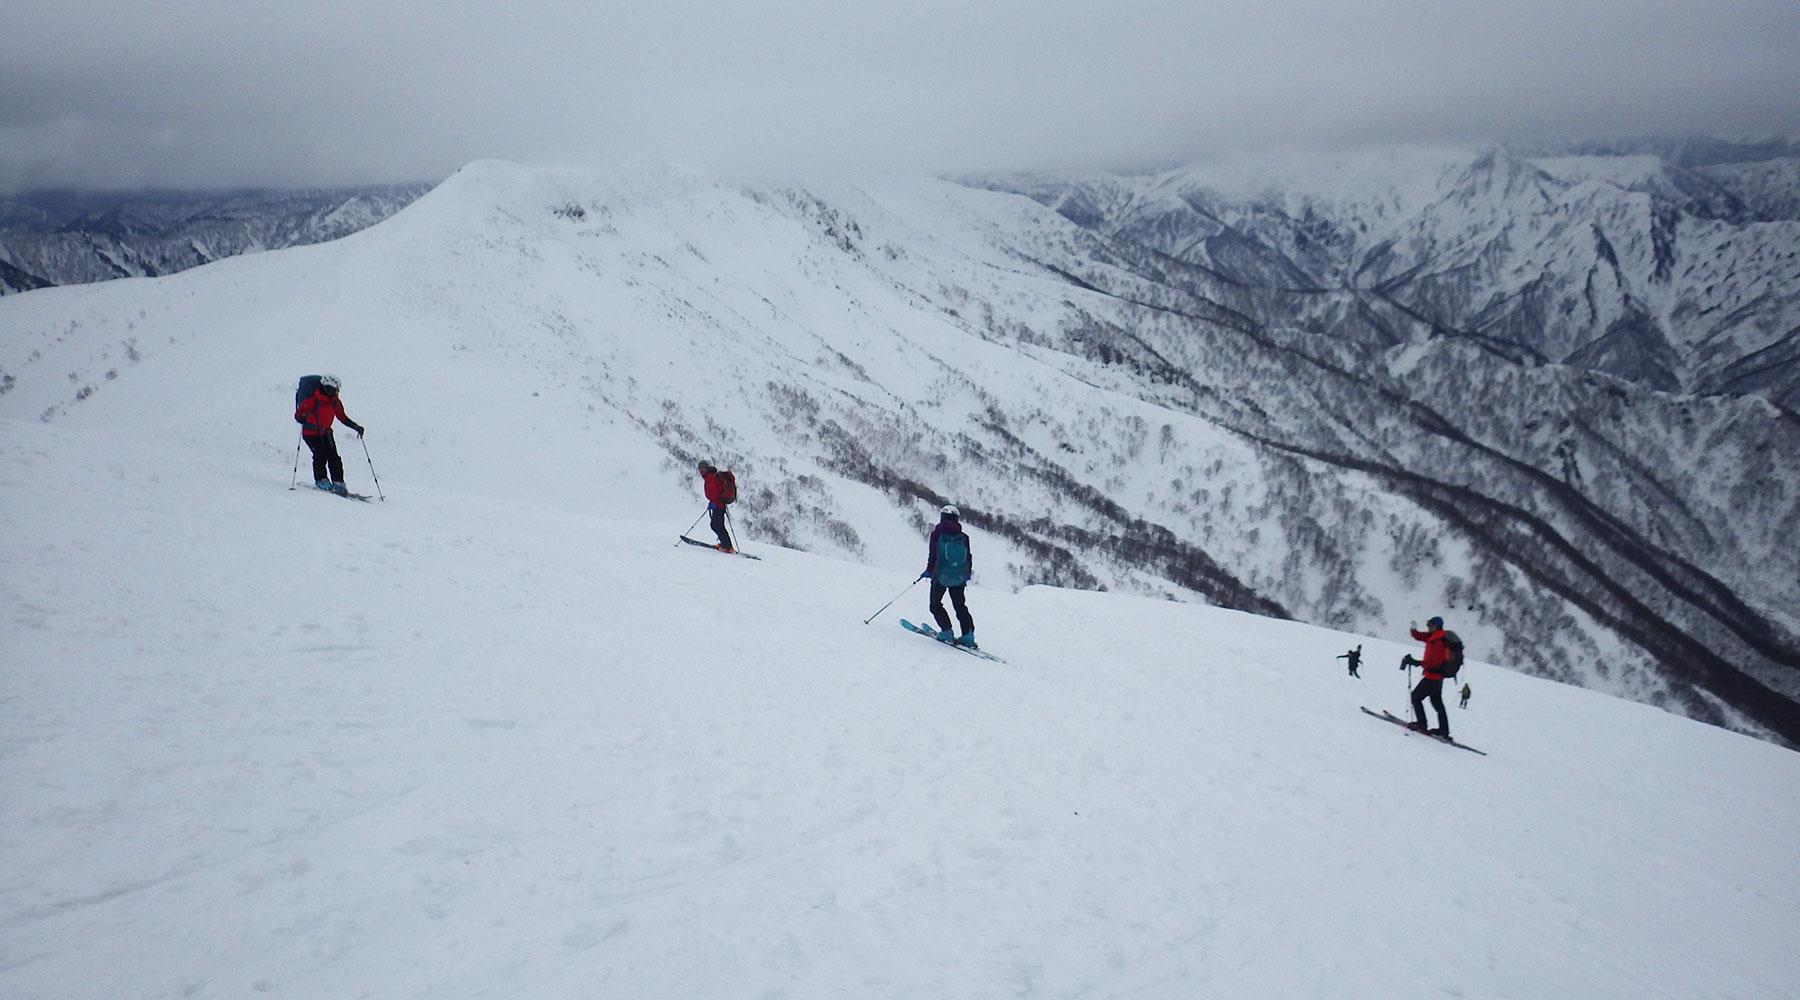 巻機山・山スキーの滑降